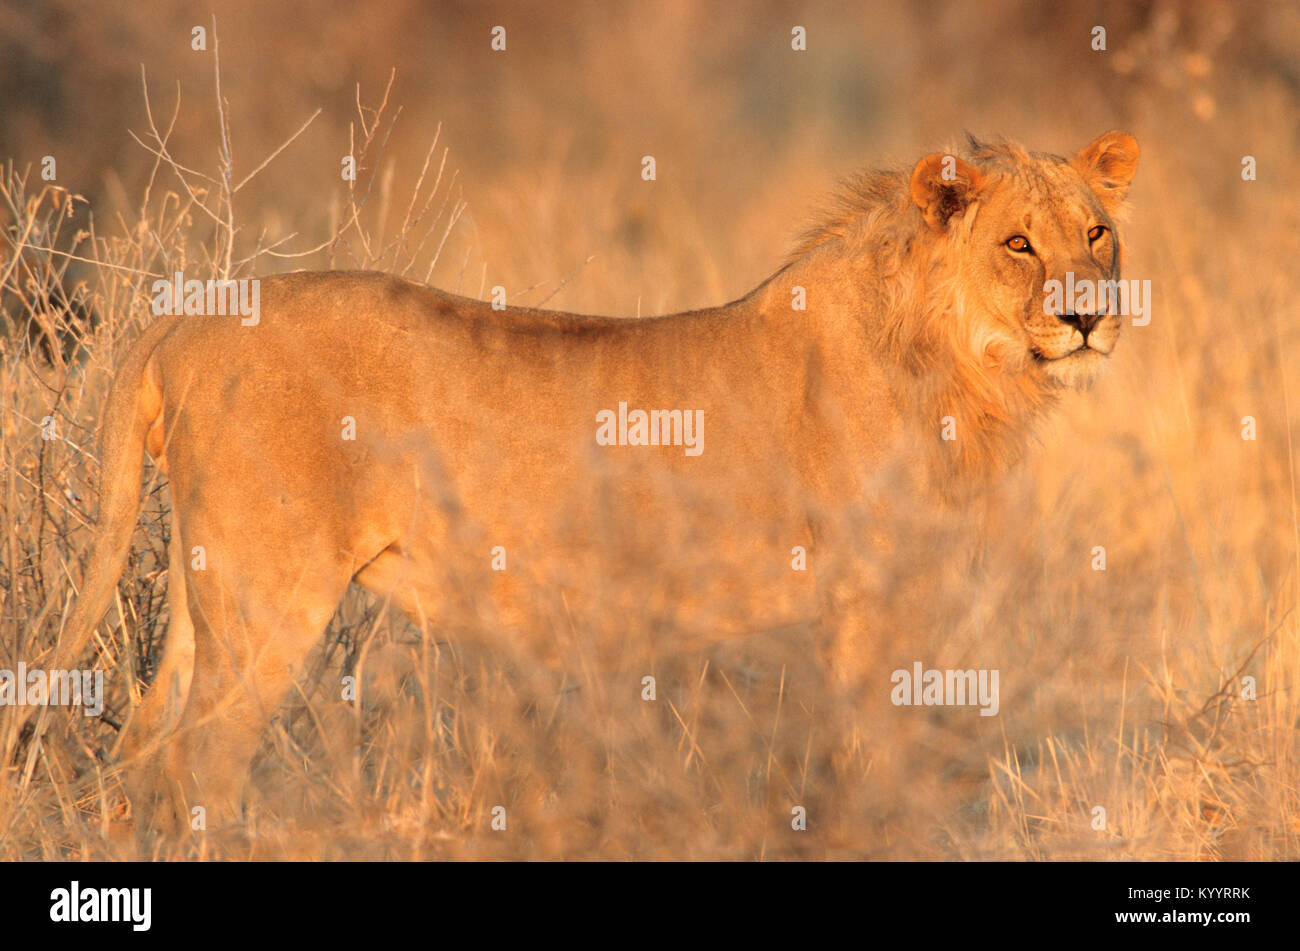 African Lion, male, Etosha national park, Namibia / (Panthera leo) | Afrikanischer Loewe, maennlich, Etosha Nationalpark, - Stock Image